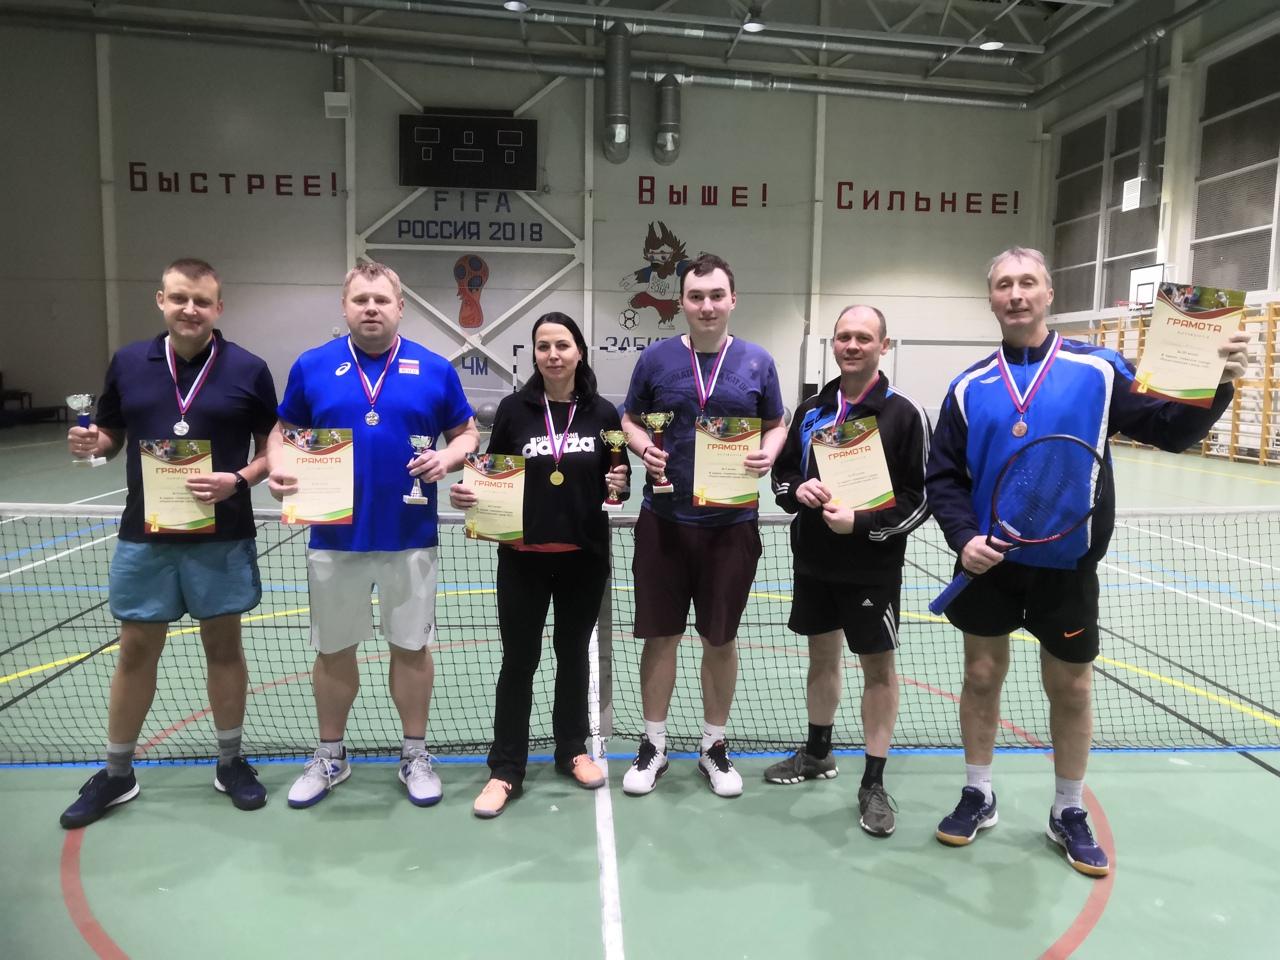 В Волхове разыгран теннисный турнир